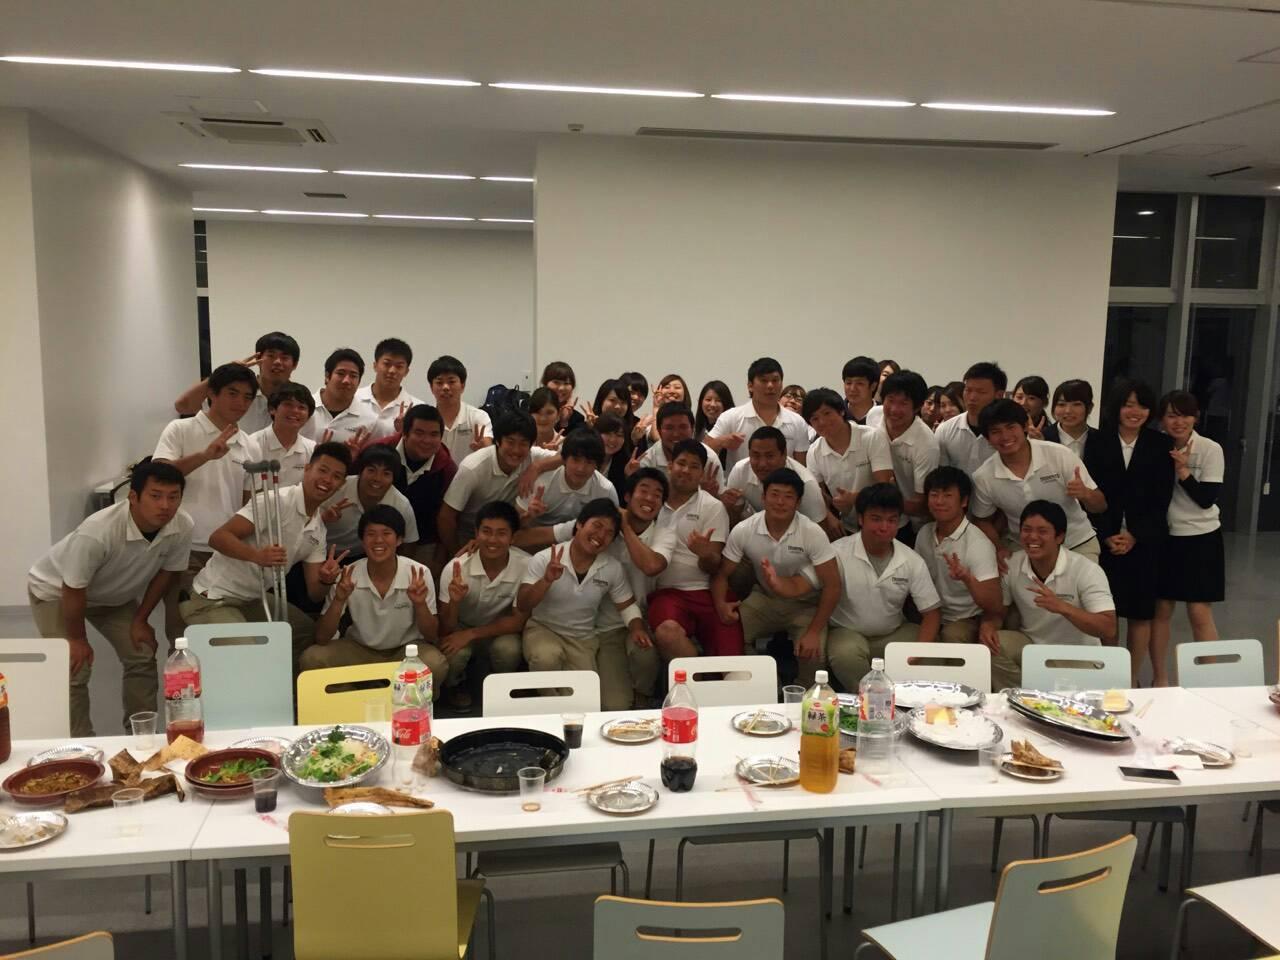 阪名戦レセプション/Freshman紹介①_e0137649_10425871.jpg